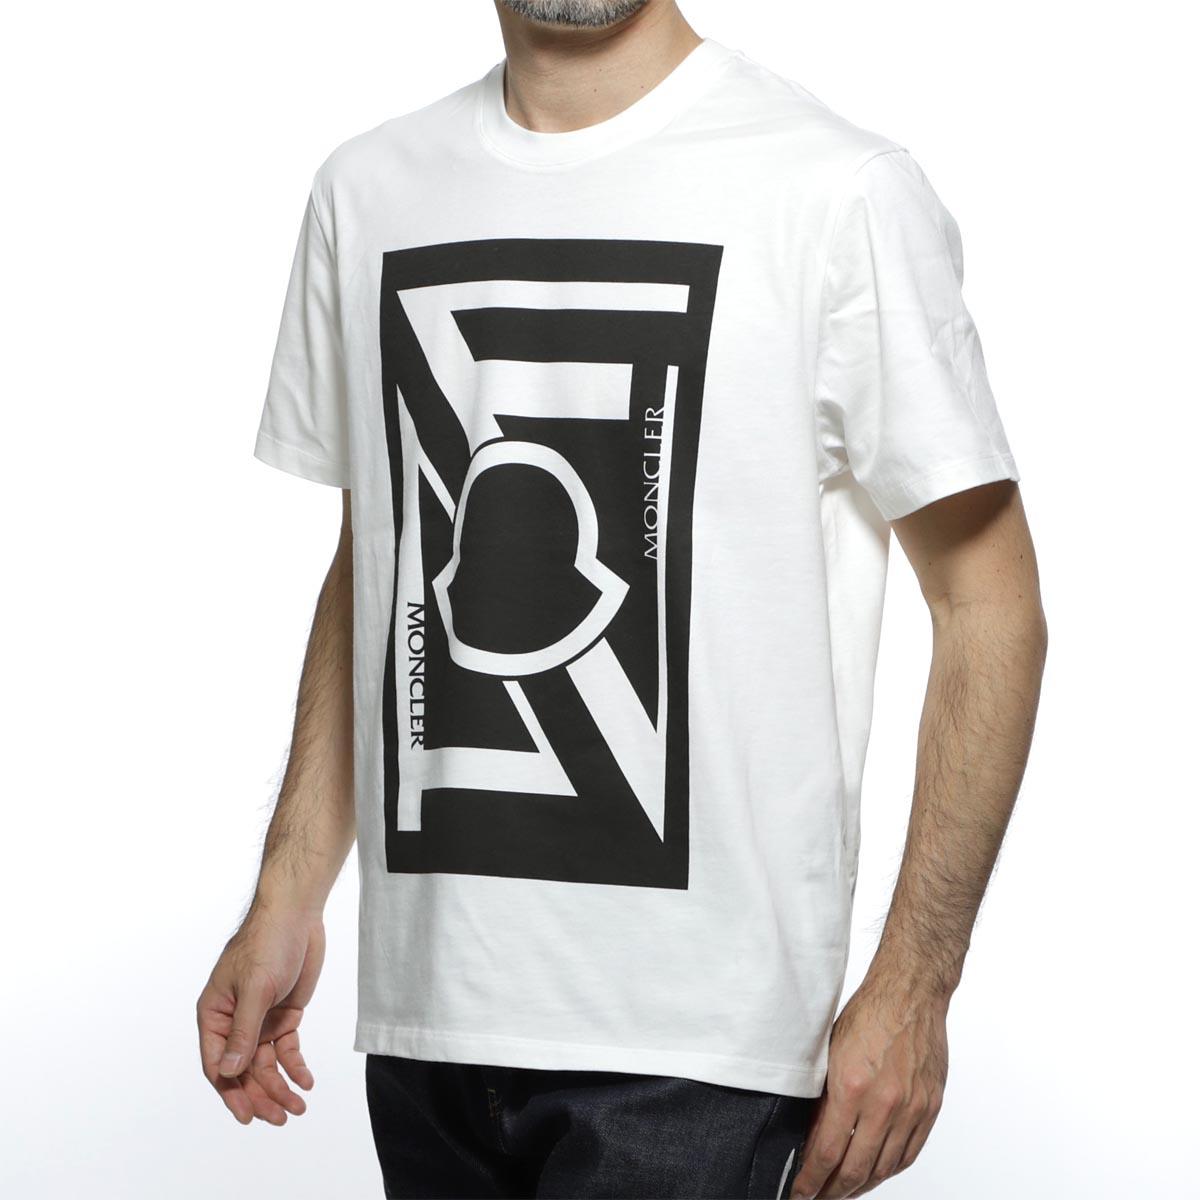 トップス, Tシャツ・カットソー  MONCLER T 8003250 809e3 090 MONCLER GENIUS 5 CRAIG GREEN